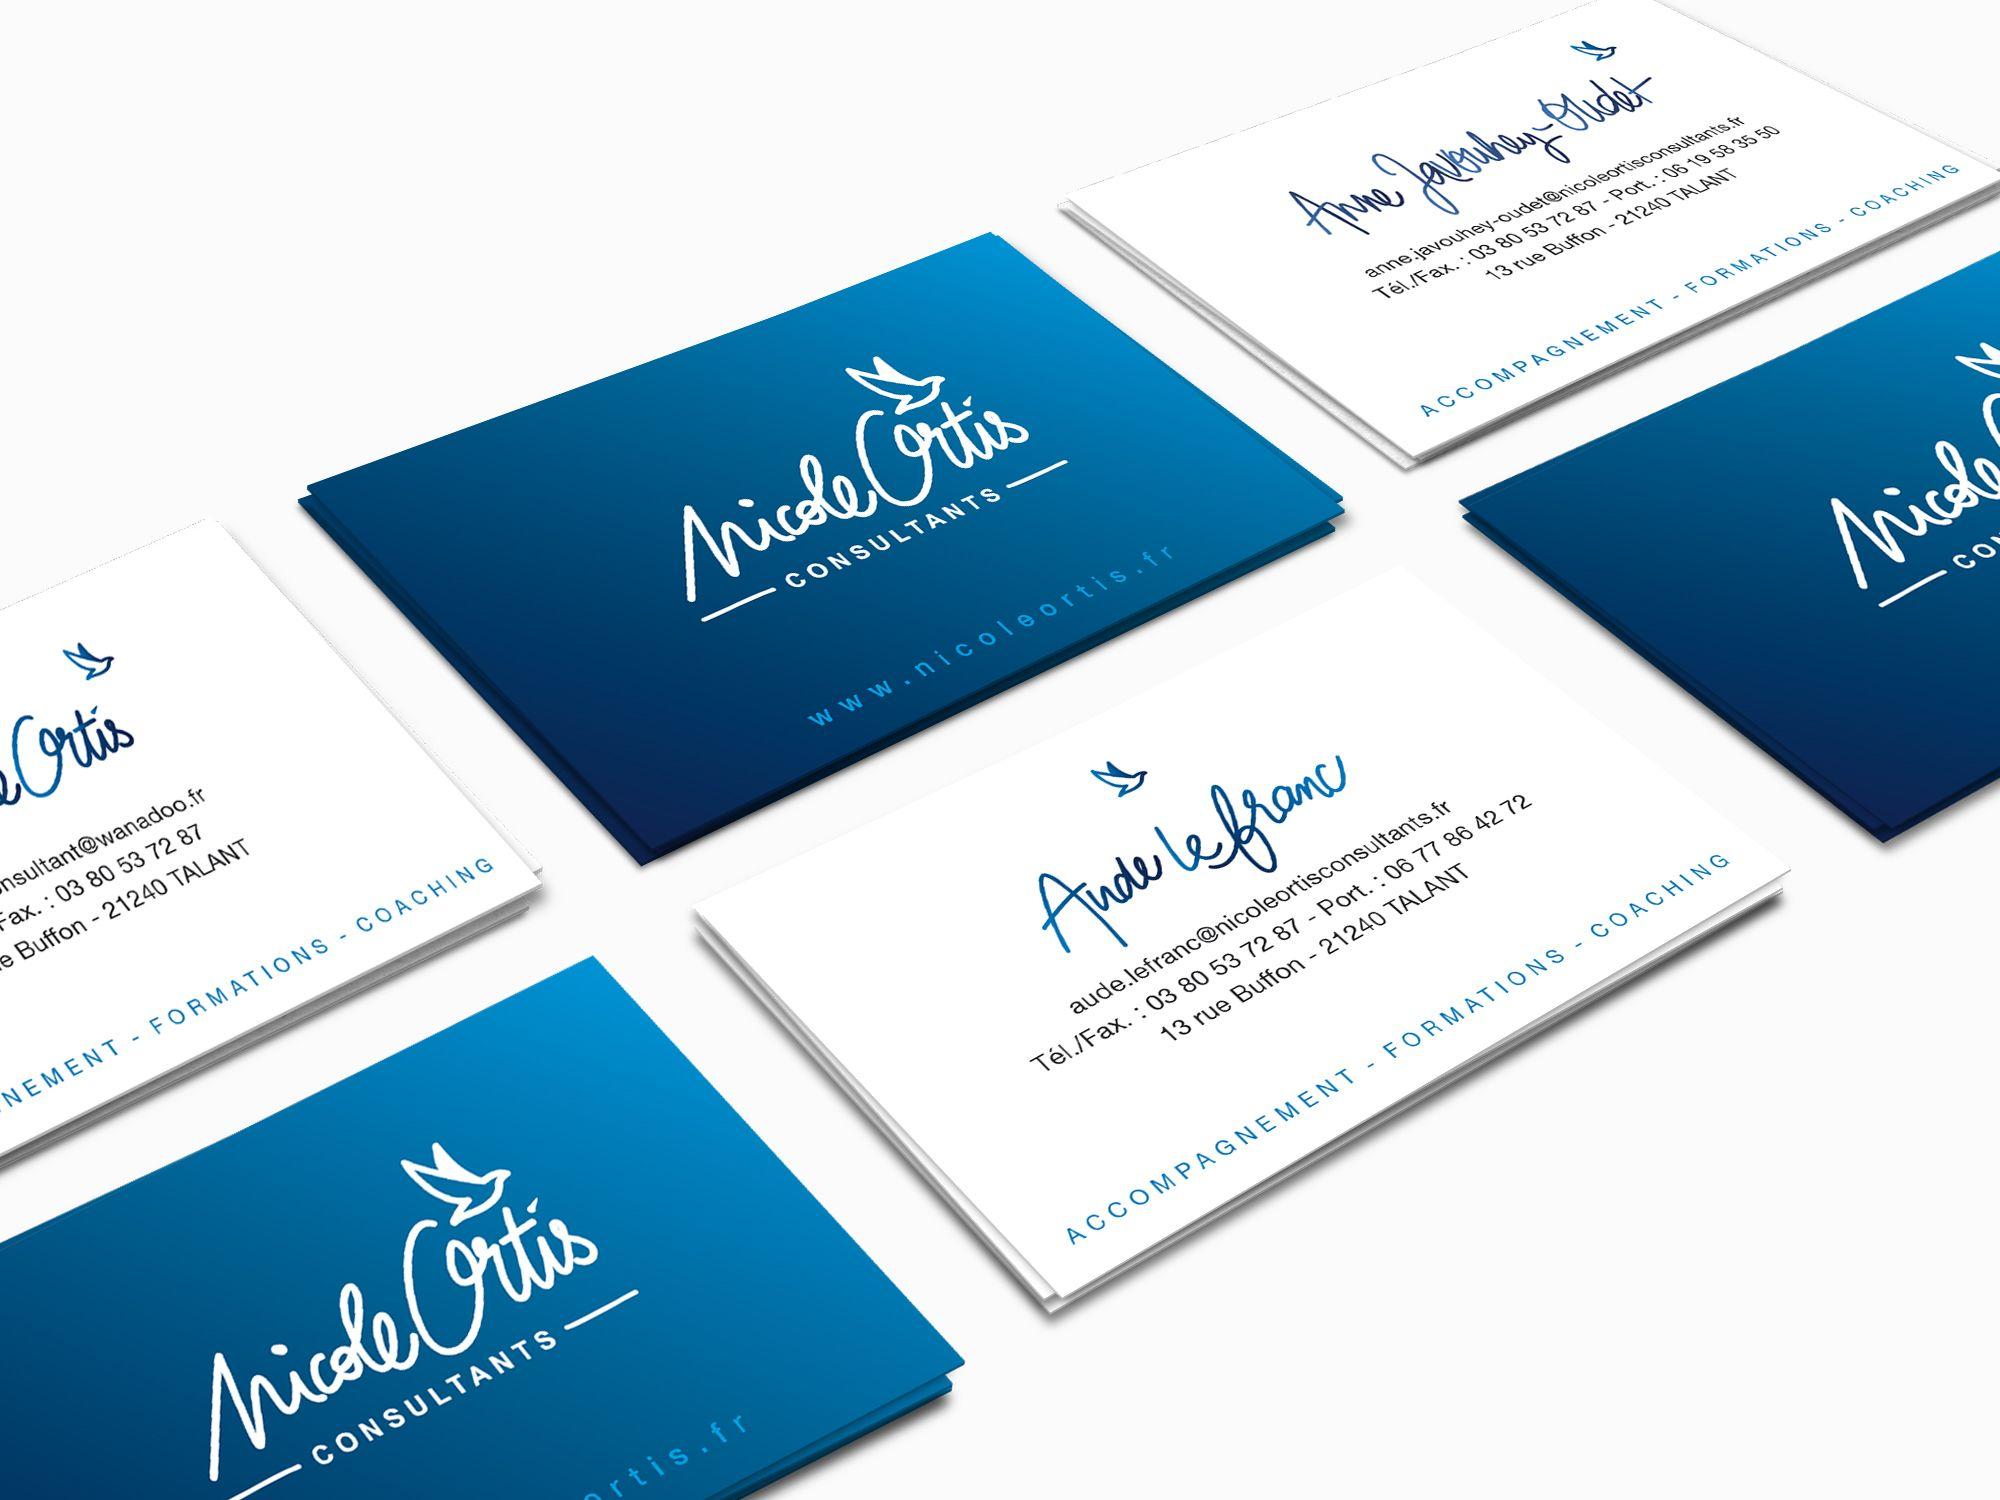 Cartes De Visites Nicole Ortis Par La Griffe Agence Communication Design Et Web